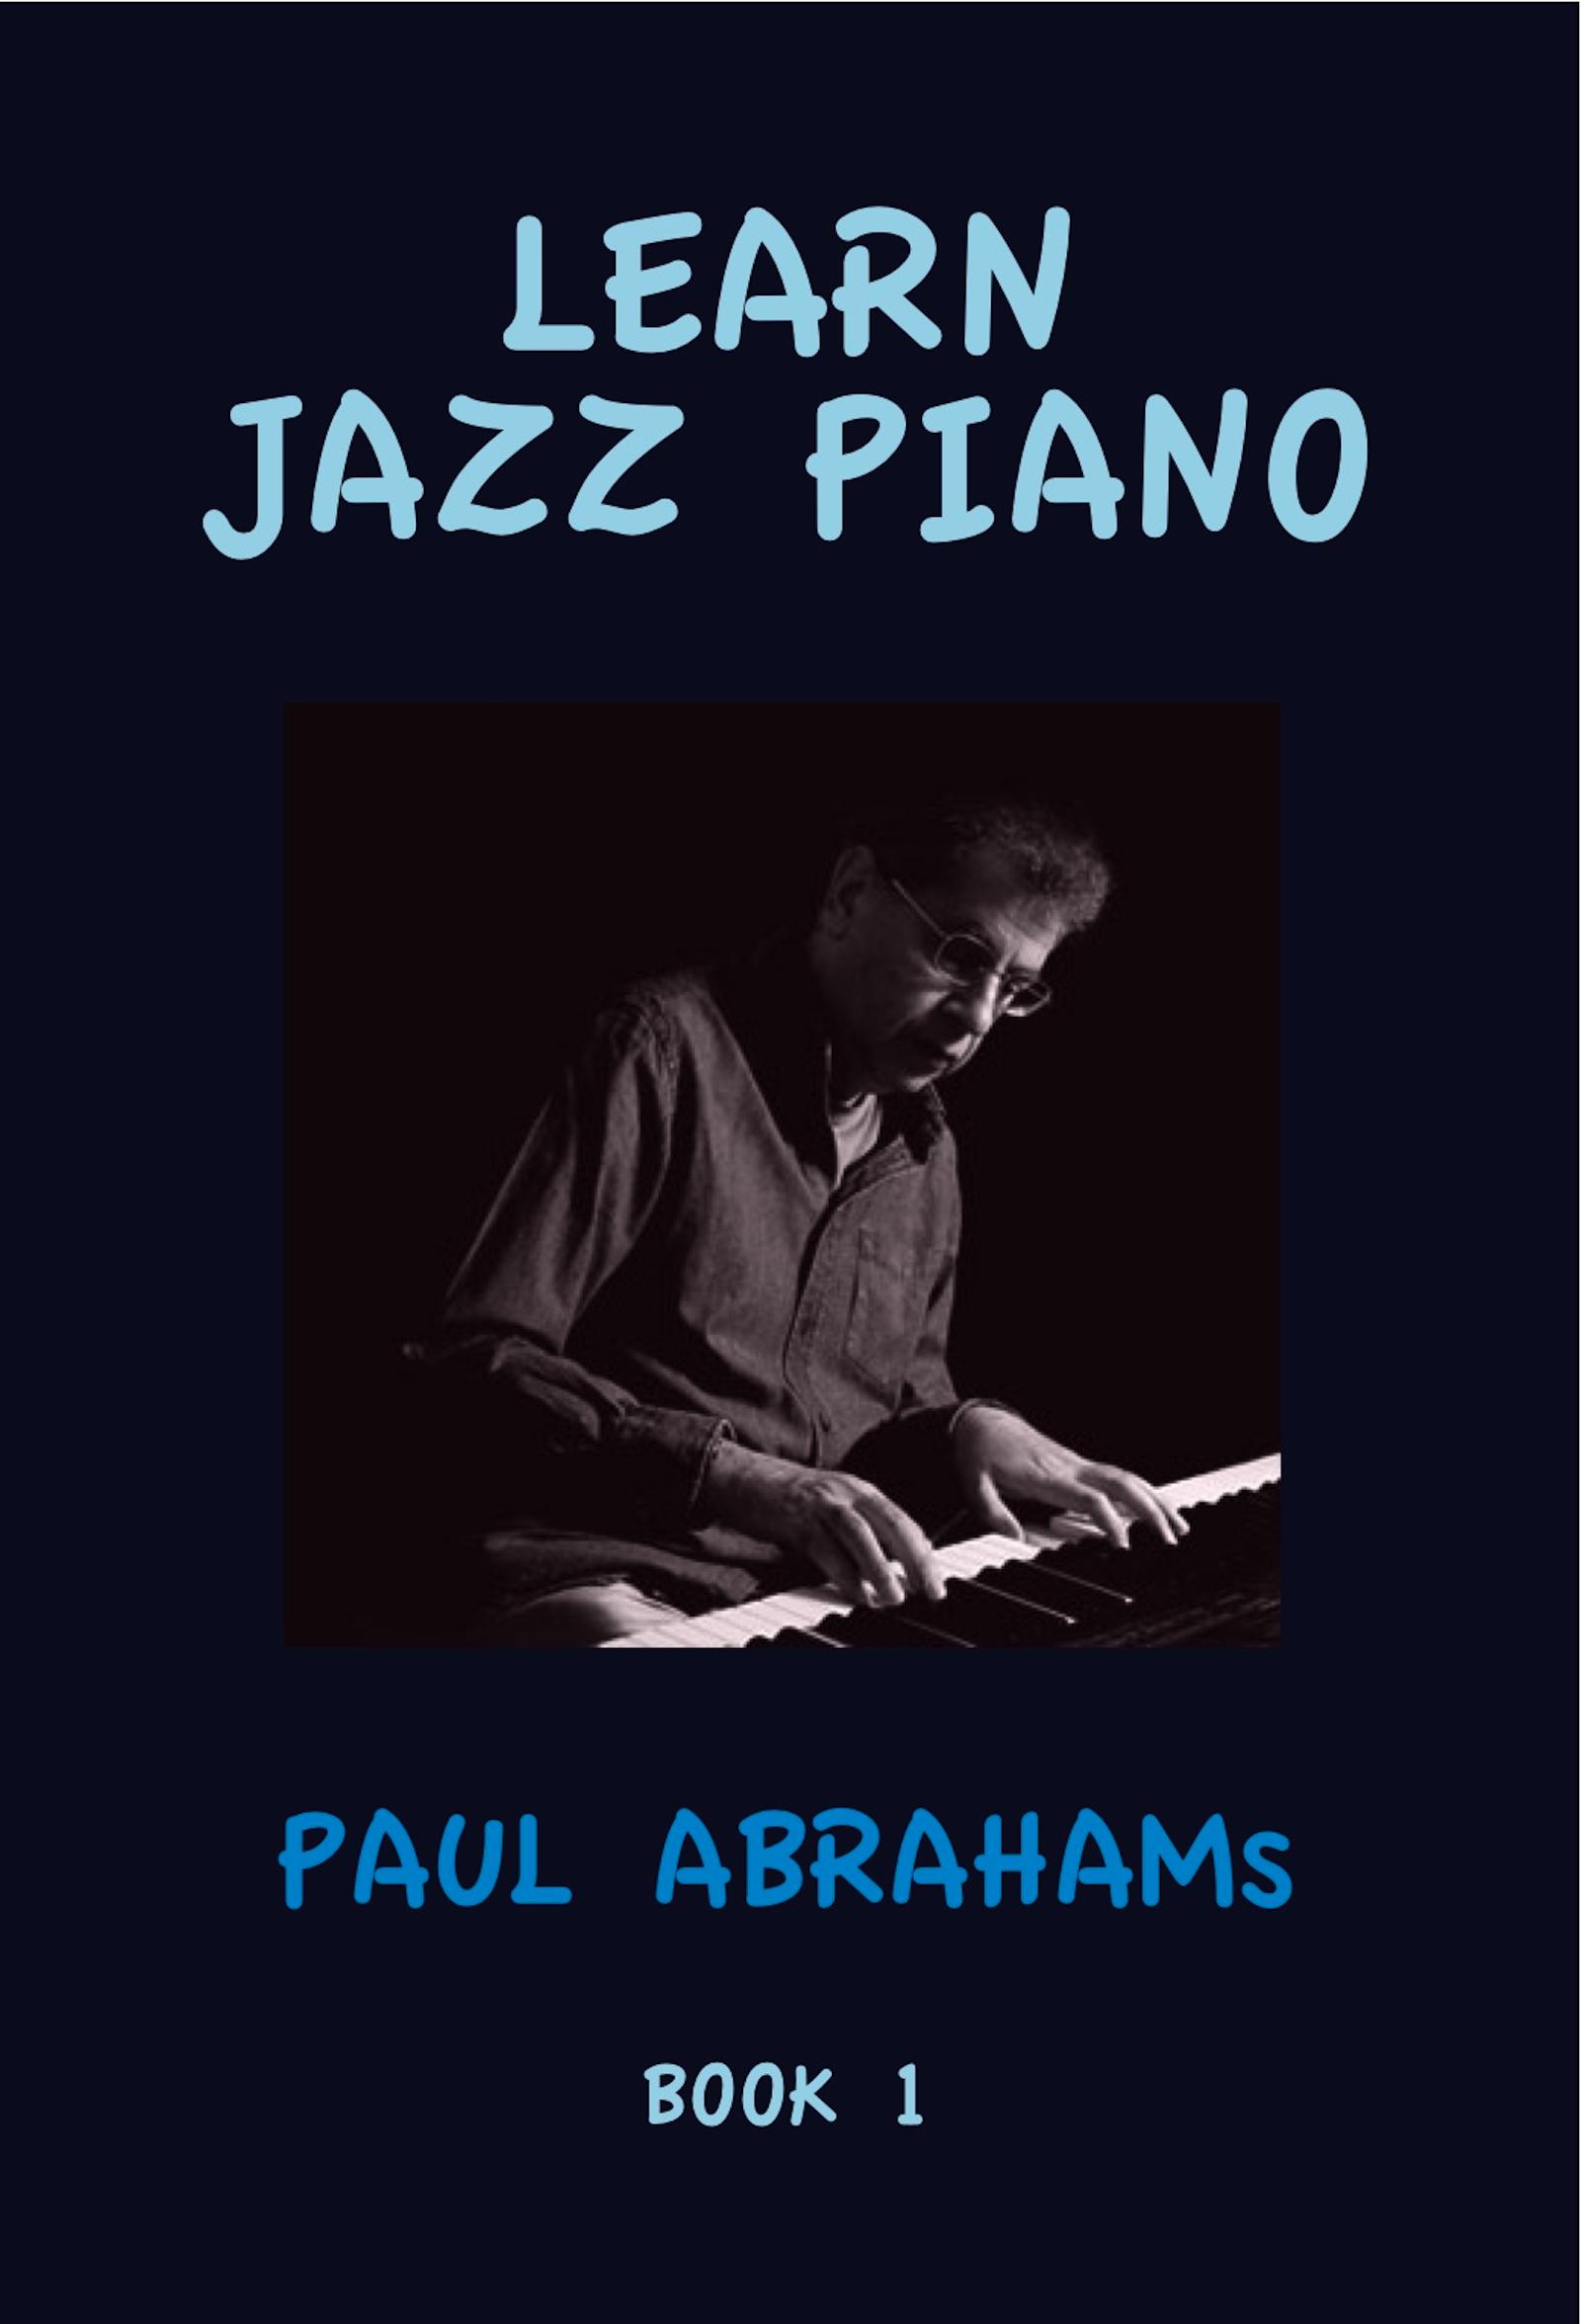 learning jazz piano